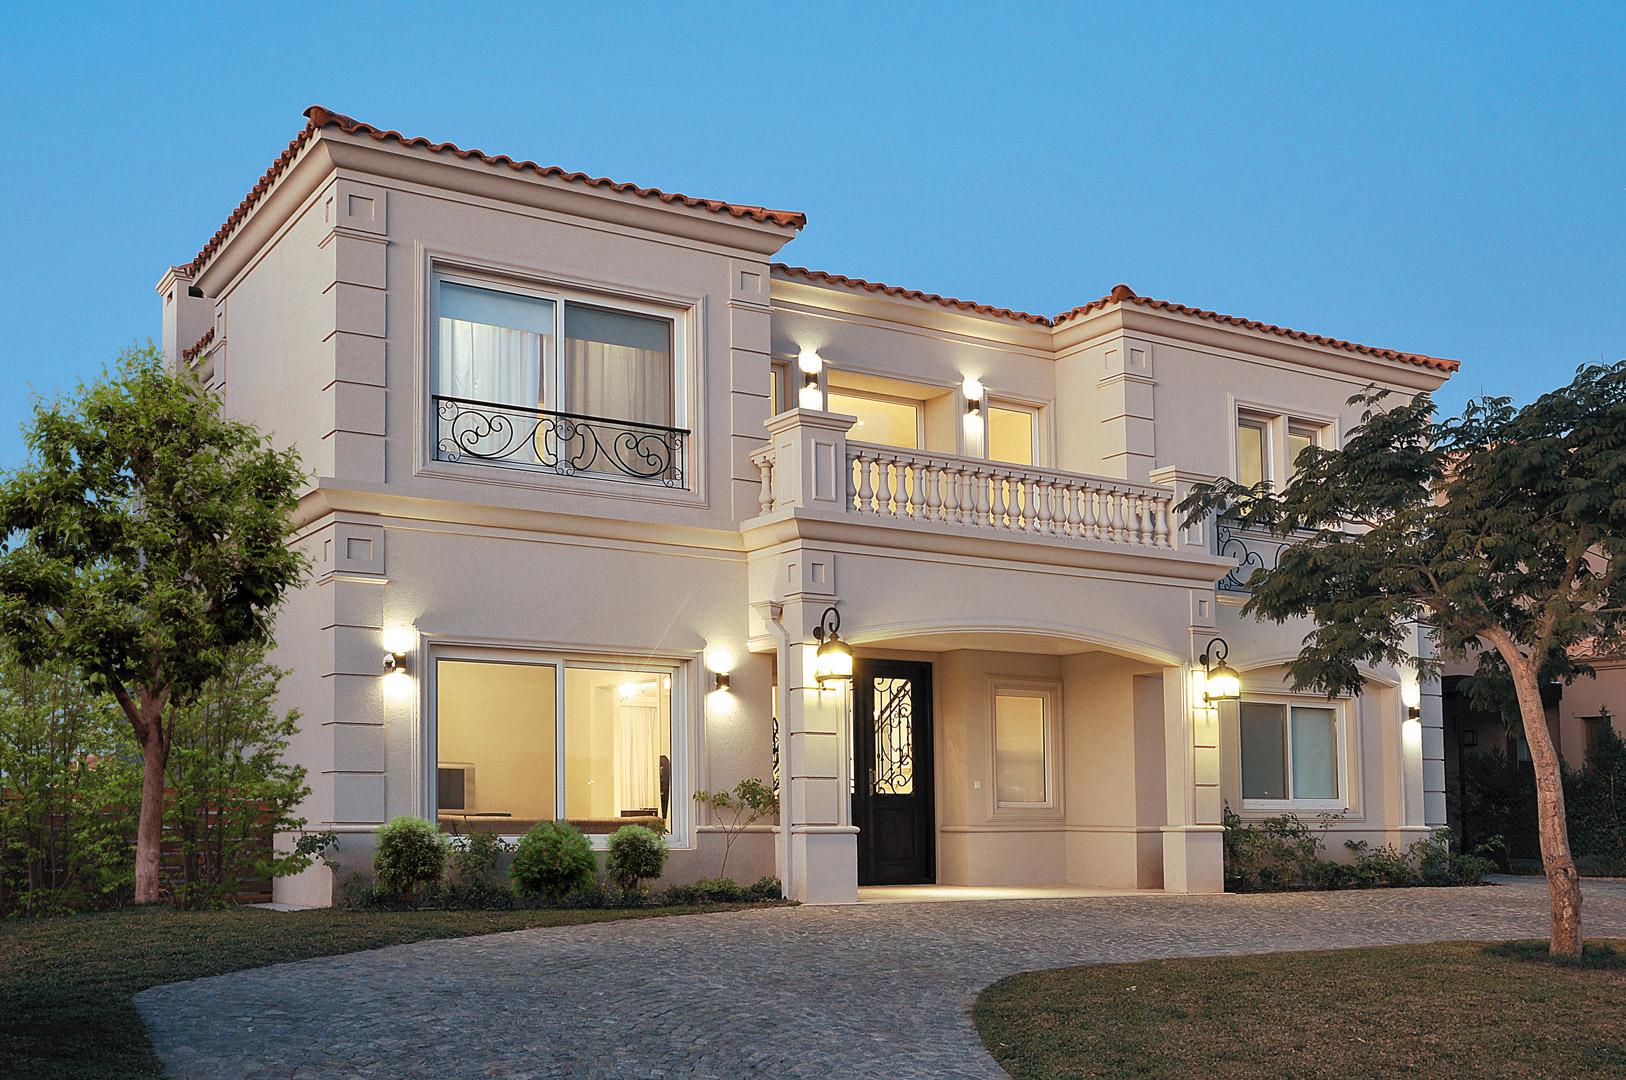 Housing construcciones arq casa estilo cl sico Duchas modernas puerto rico